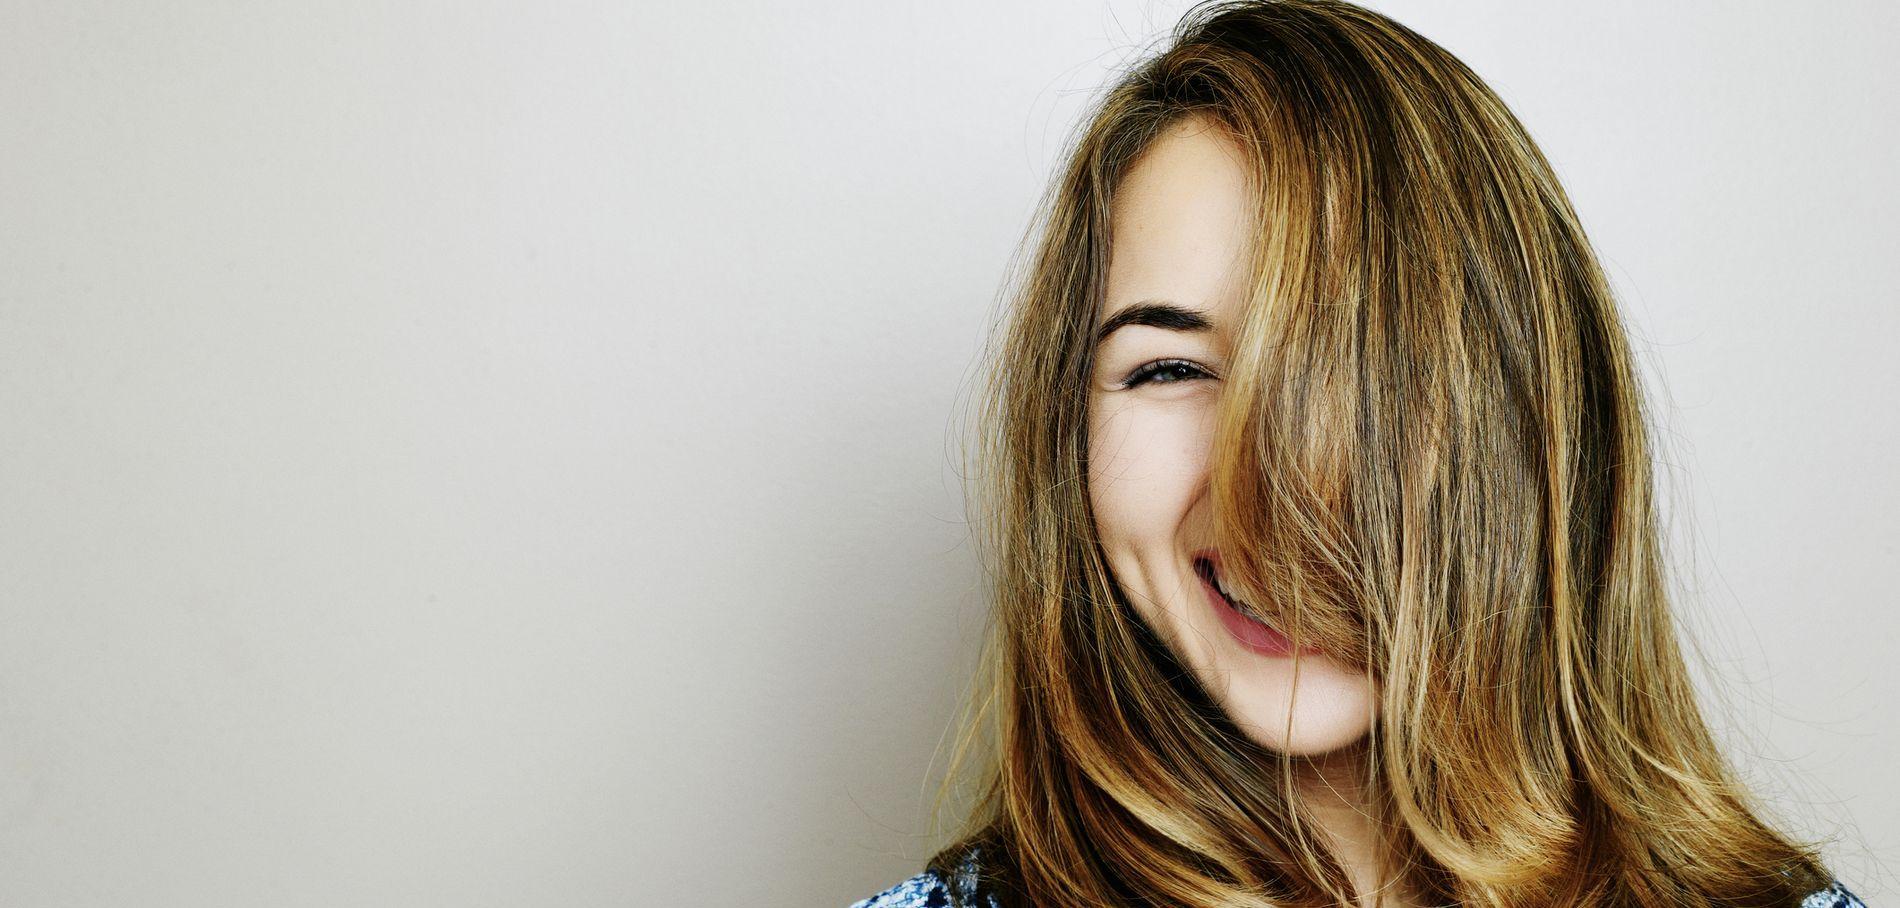 Coloration chimique abime les cheveux